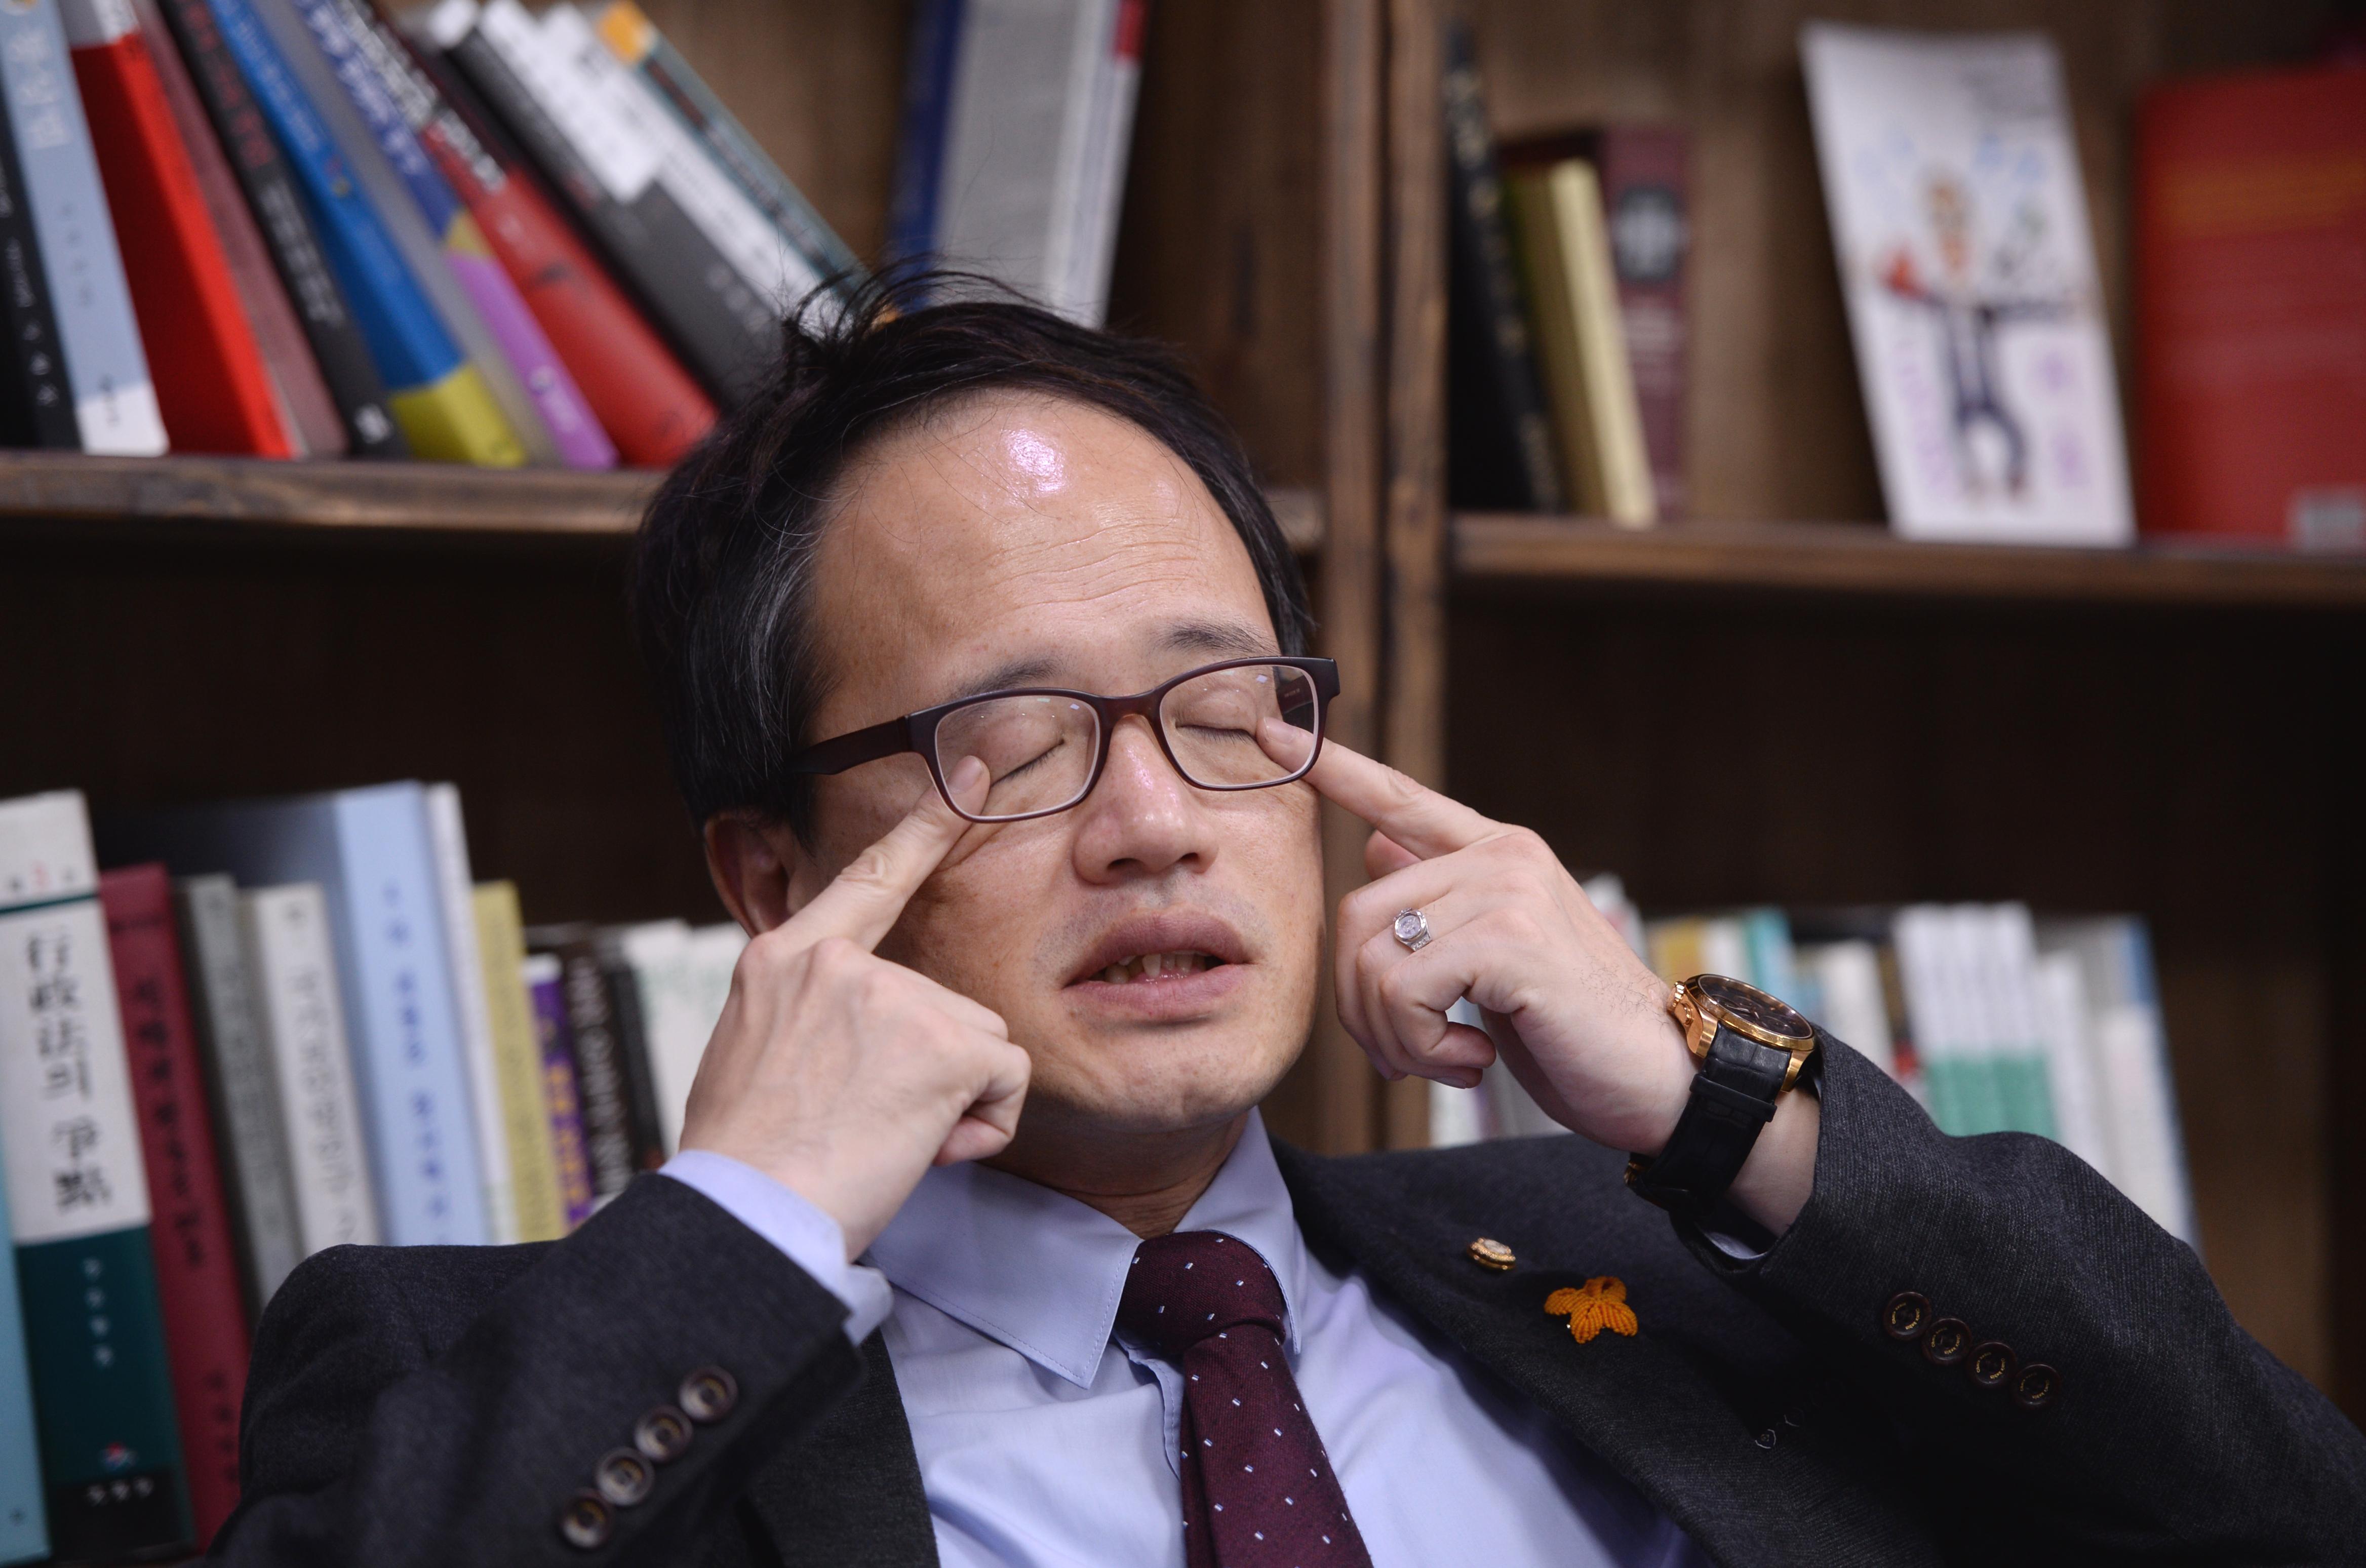 [서의동의 사람 사이] 박주민 의원(풀버전)